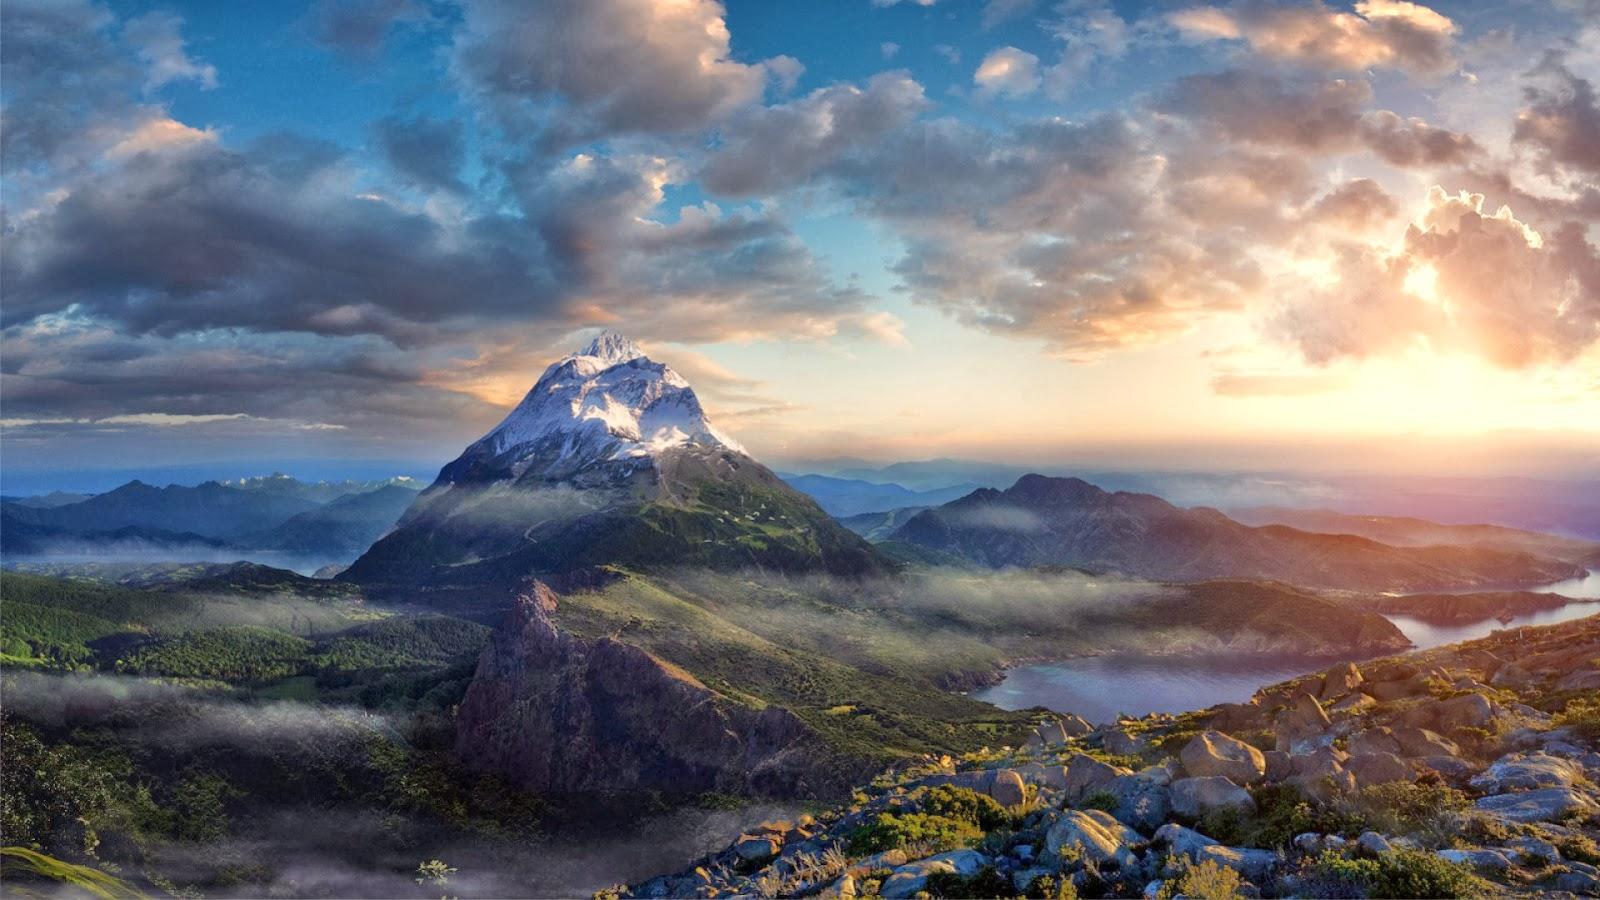 Fondo De Pantalla Paisaje Montañas Nevada: Fondo De Pantalla Paisaje Montañas Nevadas Respirando A